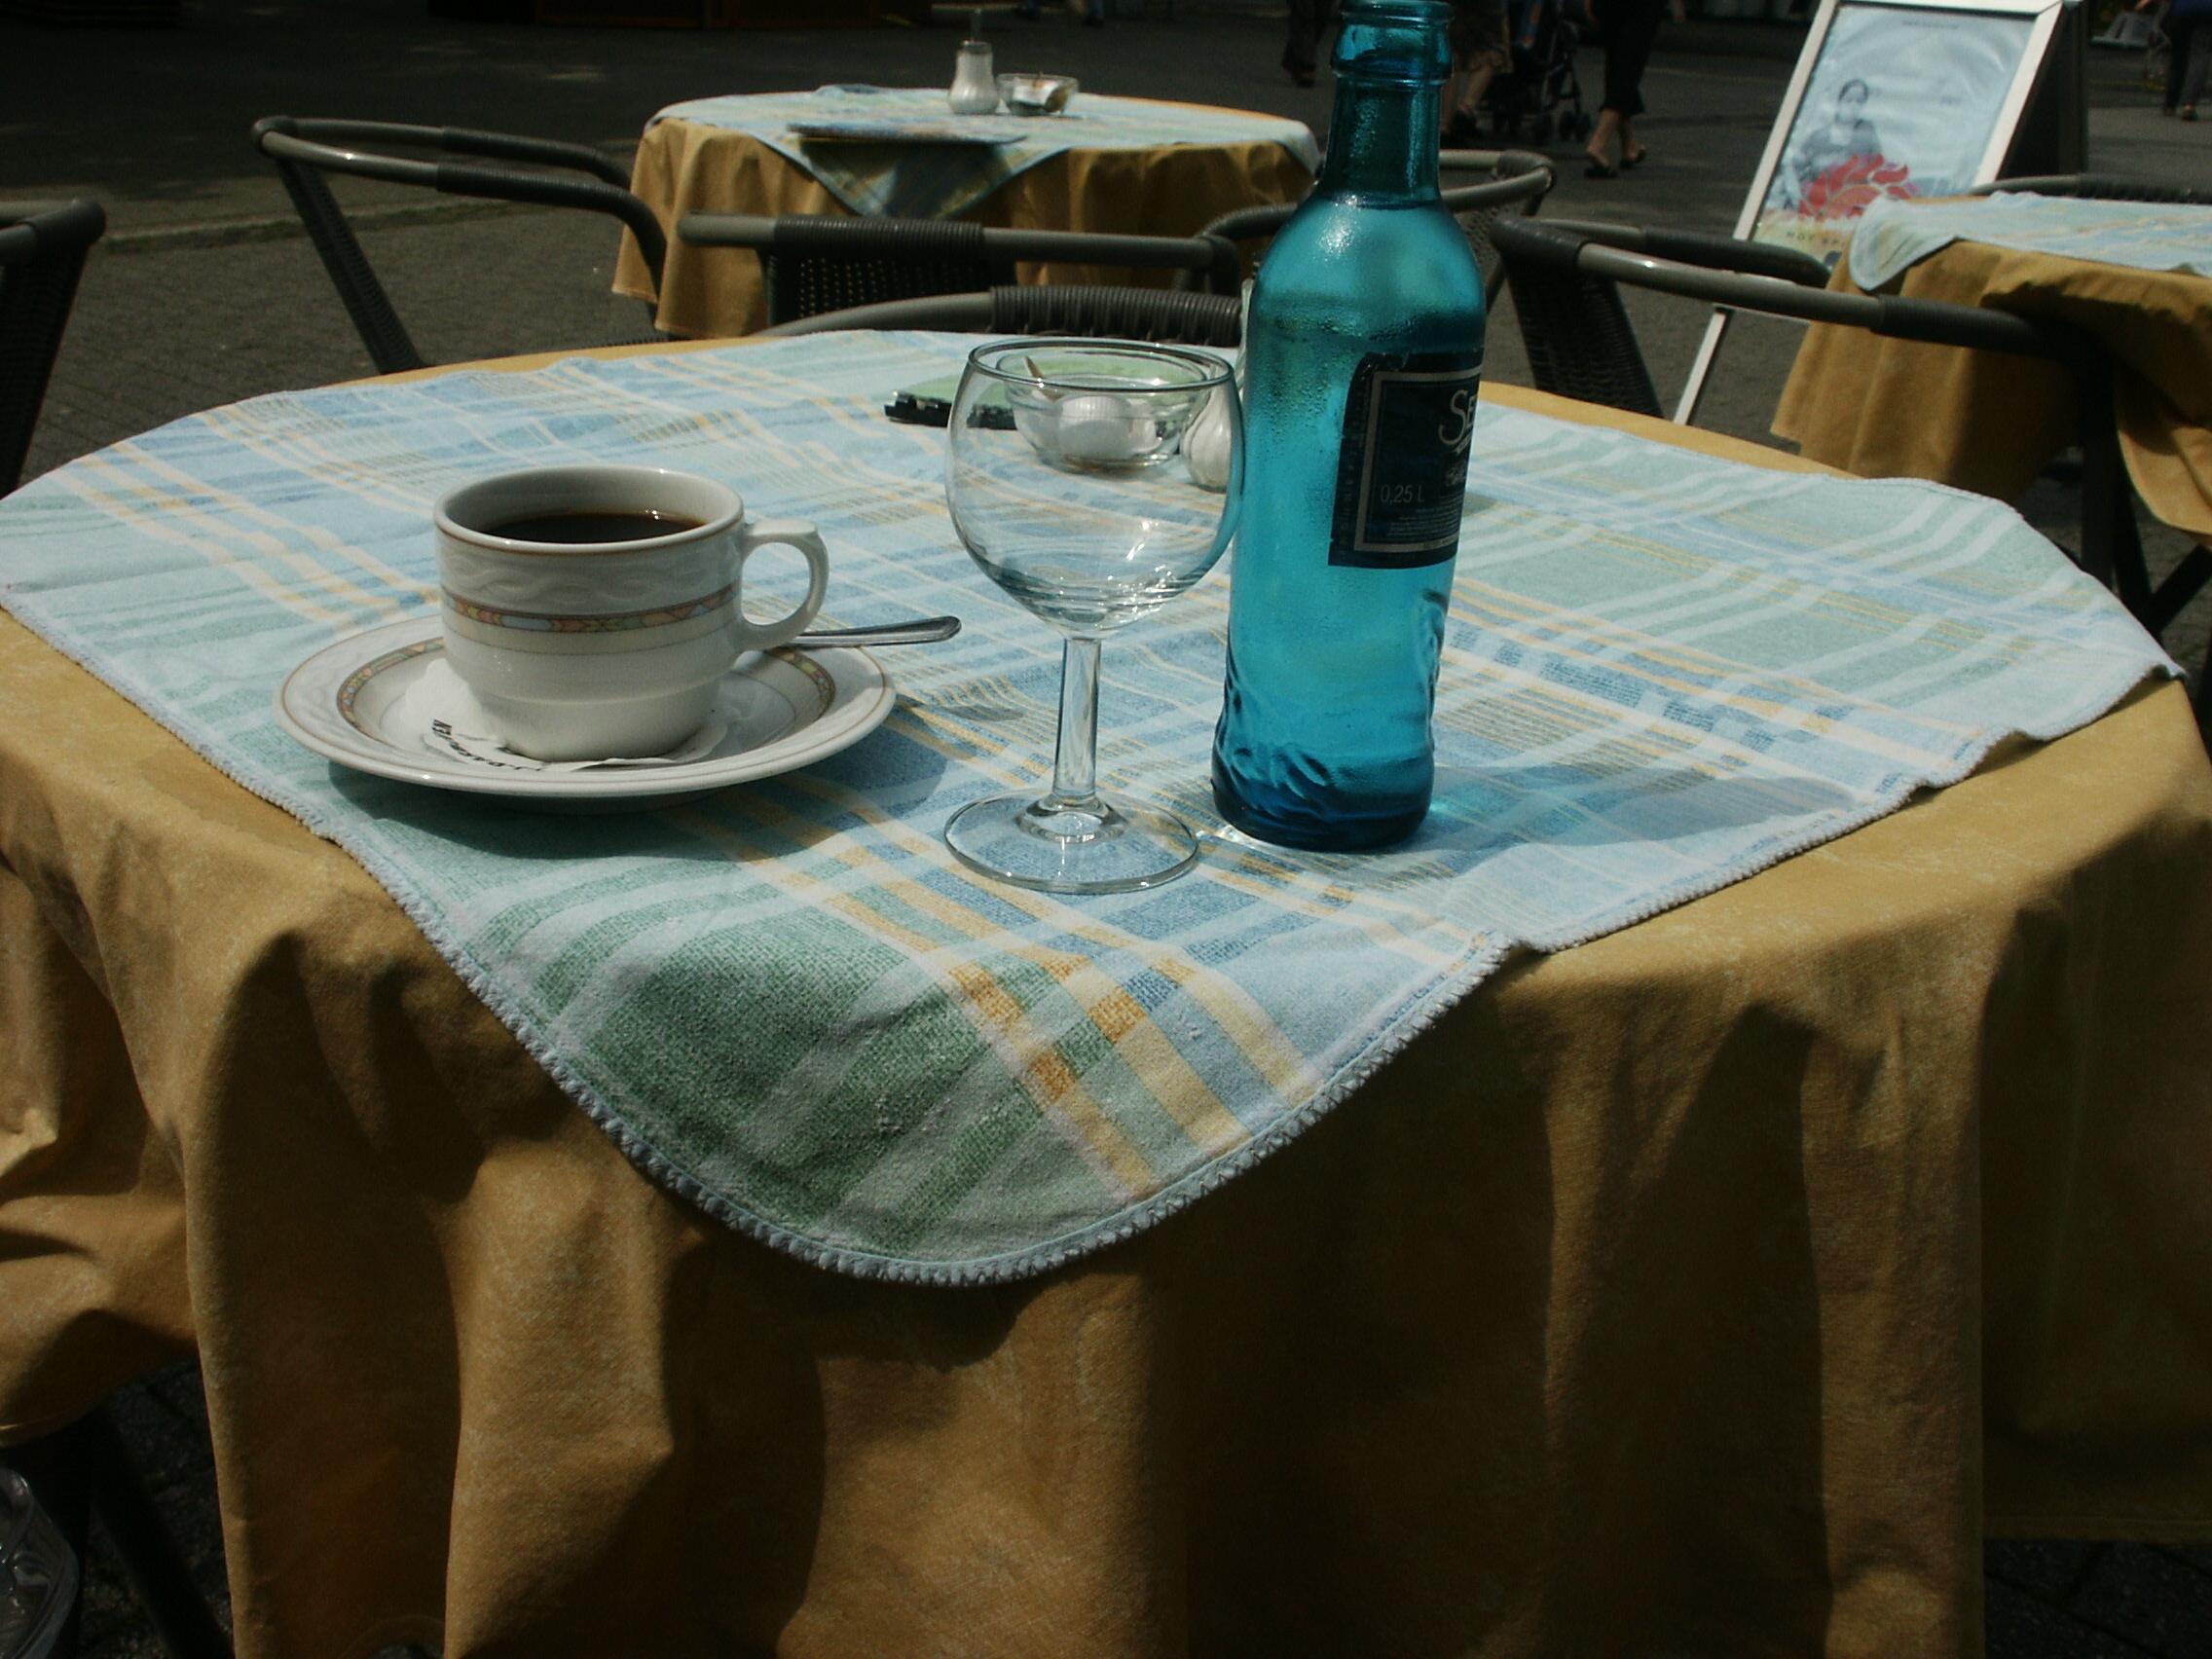 Kaffeetasse, gefült und Wasser